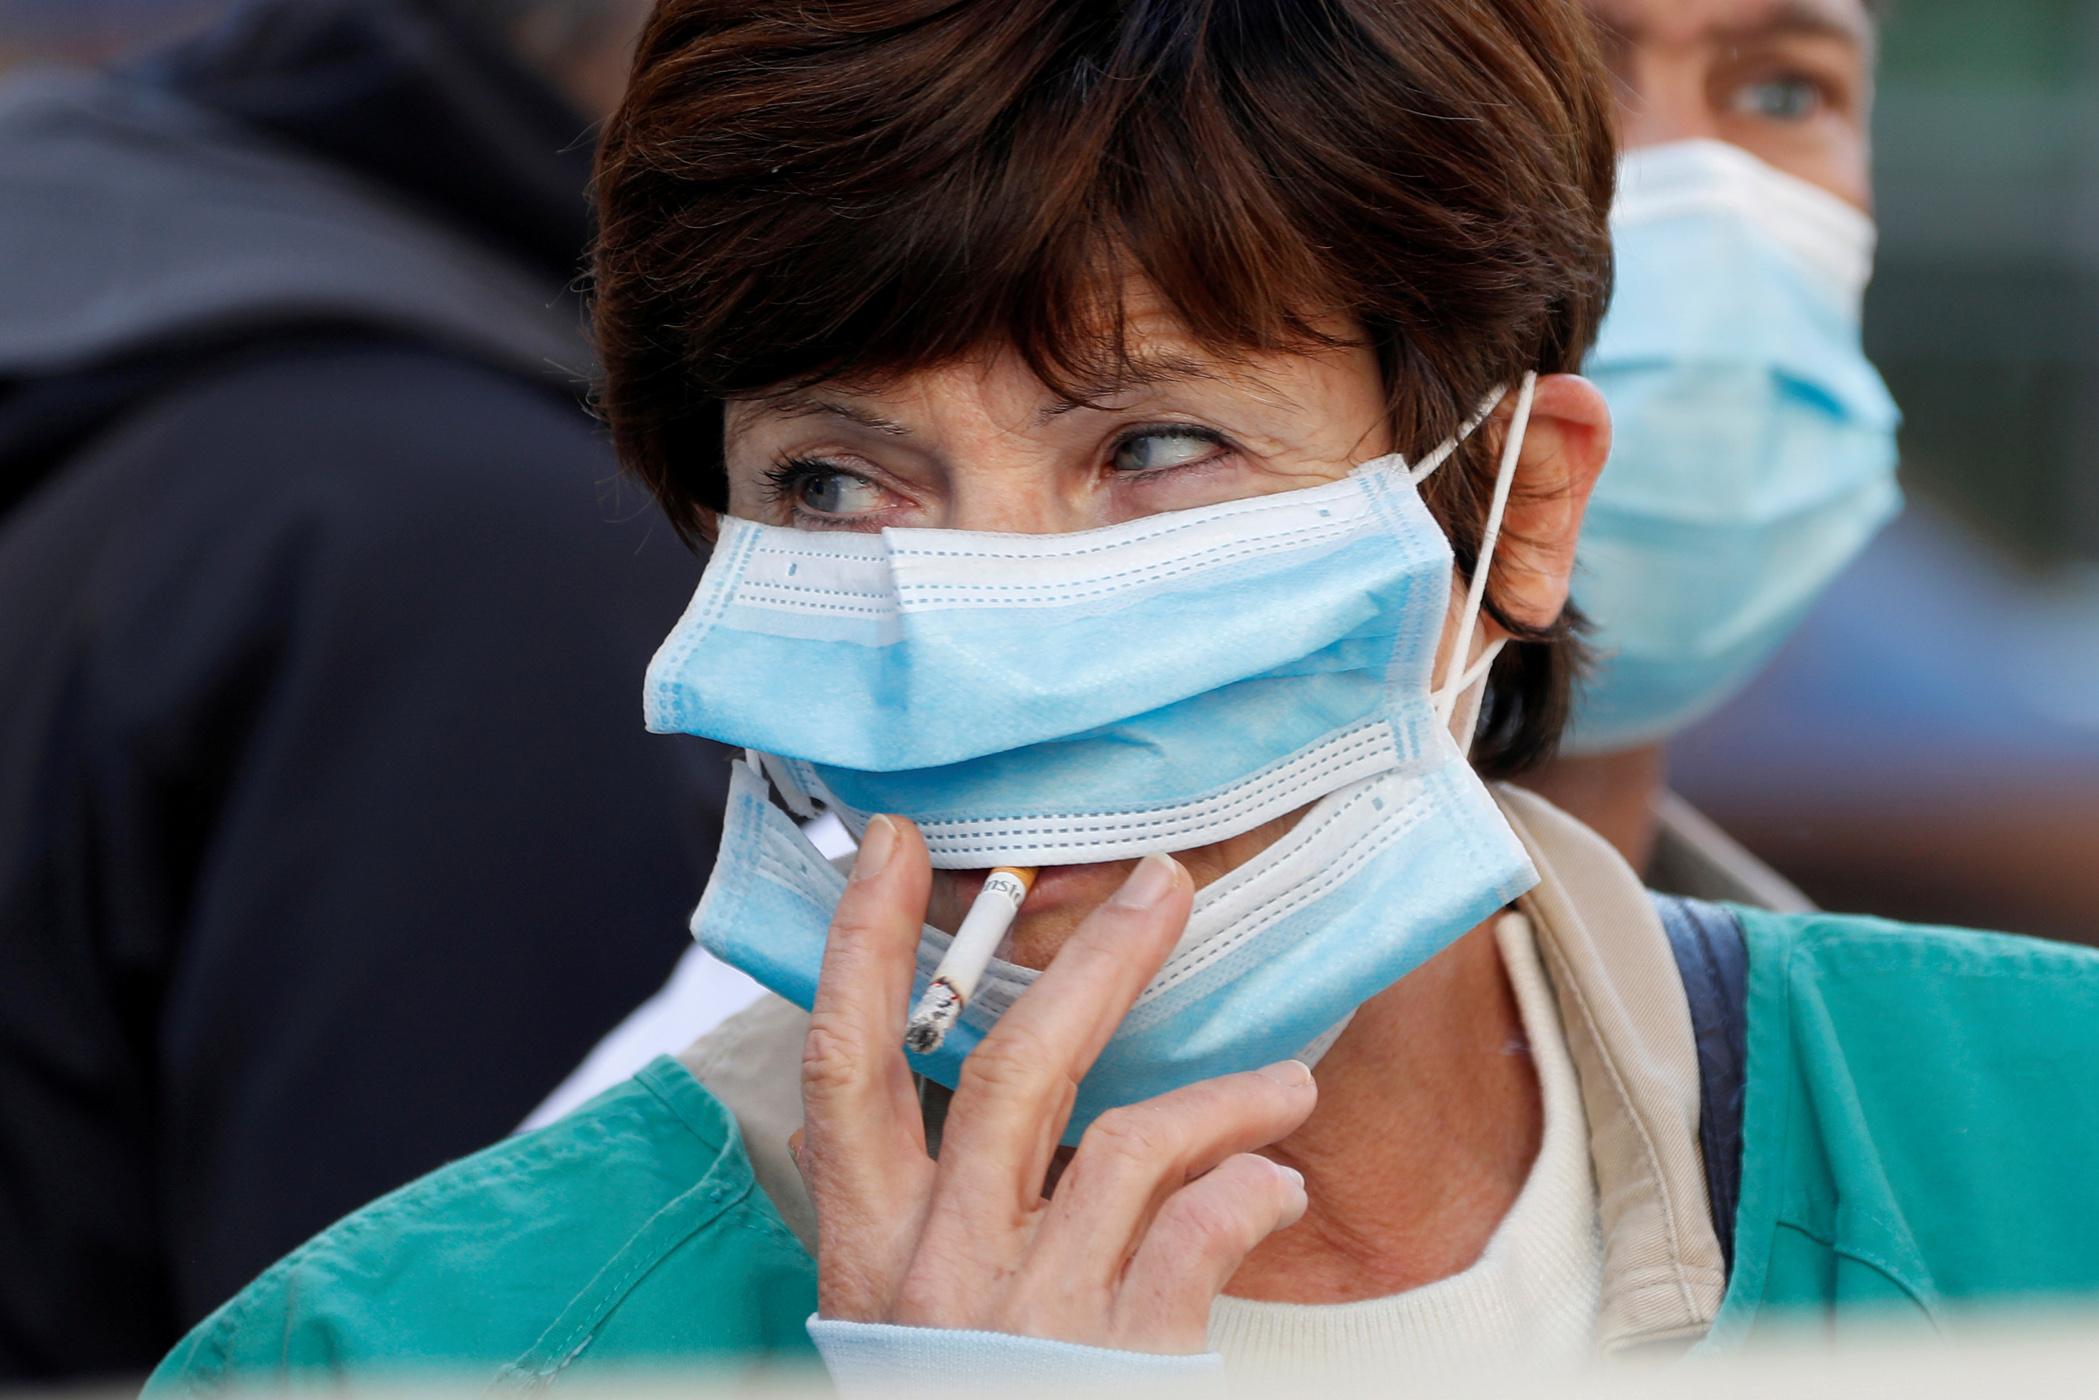 Κορονοϊός: Οι καπνιστές κινδυνεύουν με πιο πολλά και σοβαρά συμπτώματα Covid-19